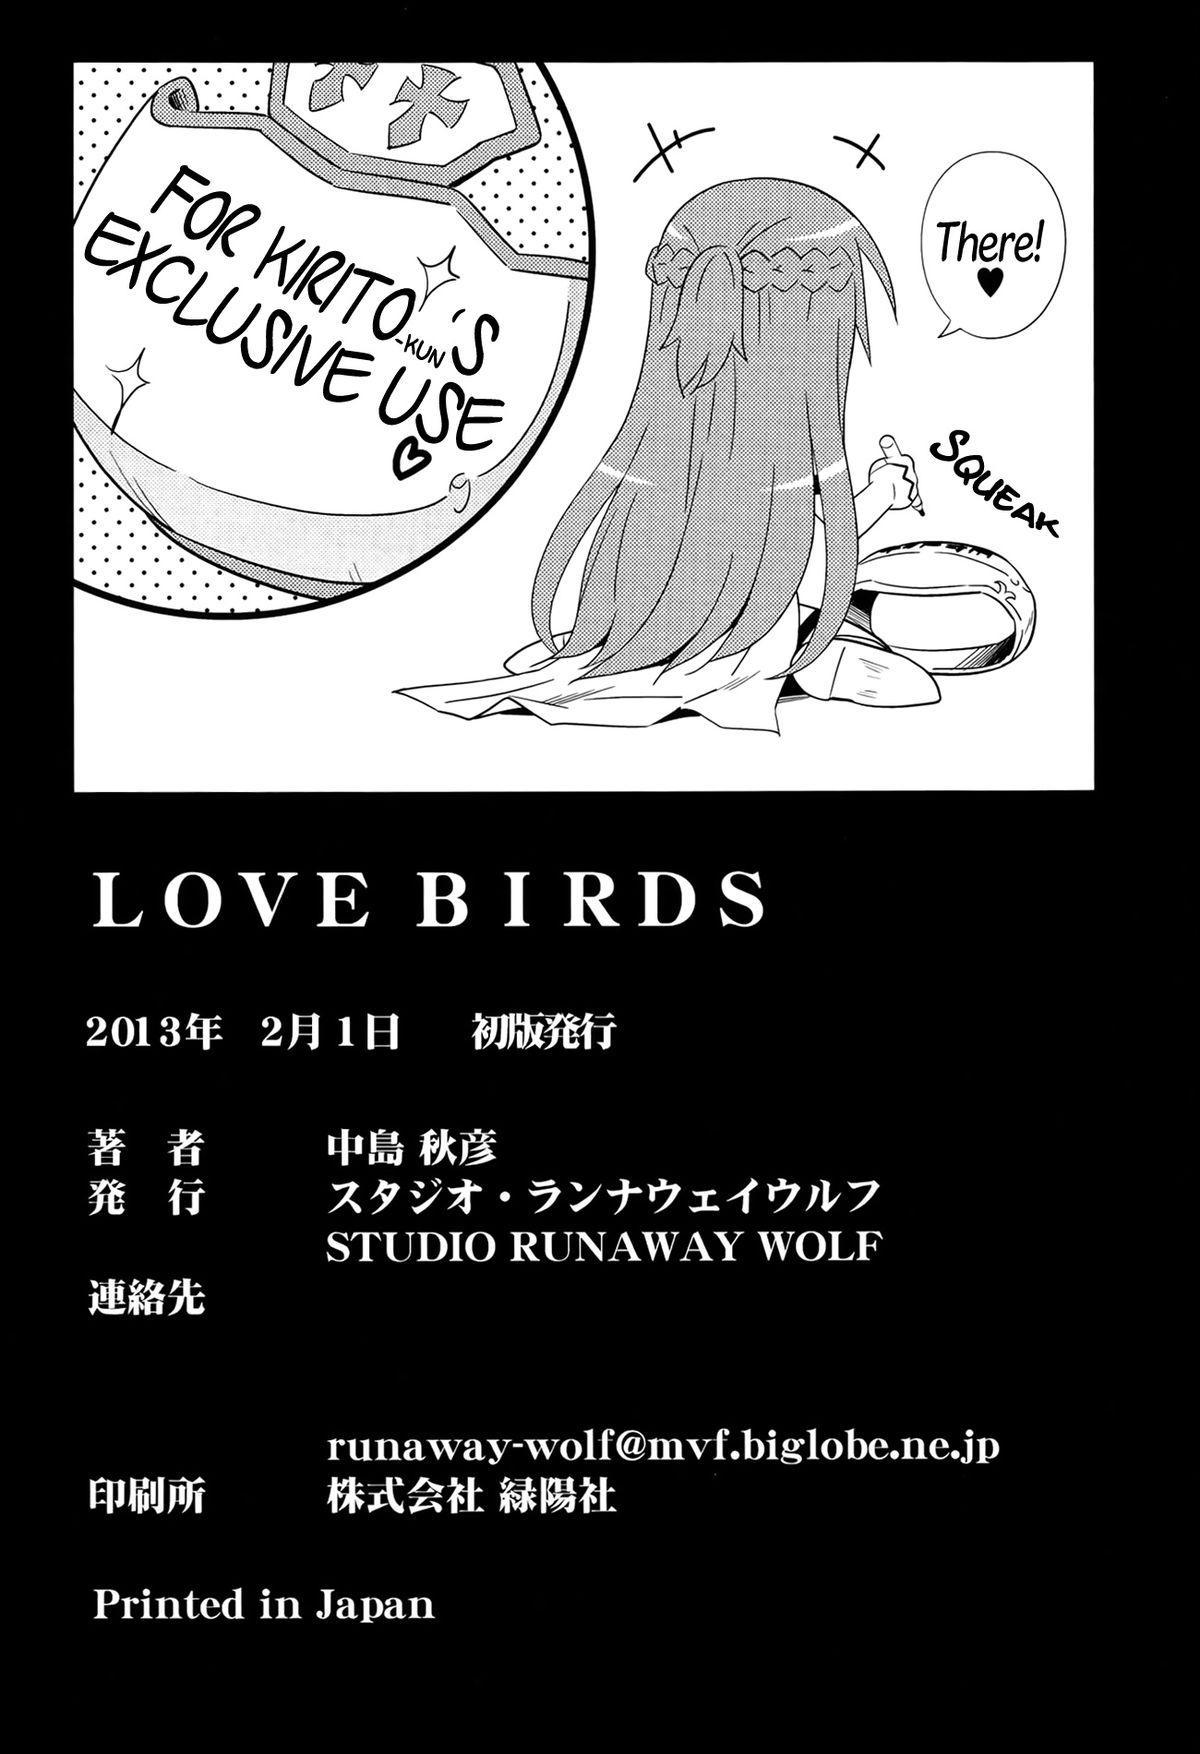 LOVE BIRDS 25